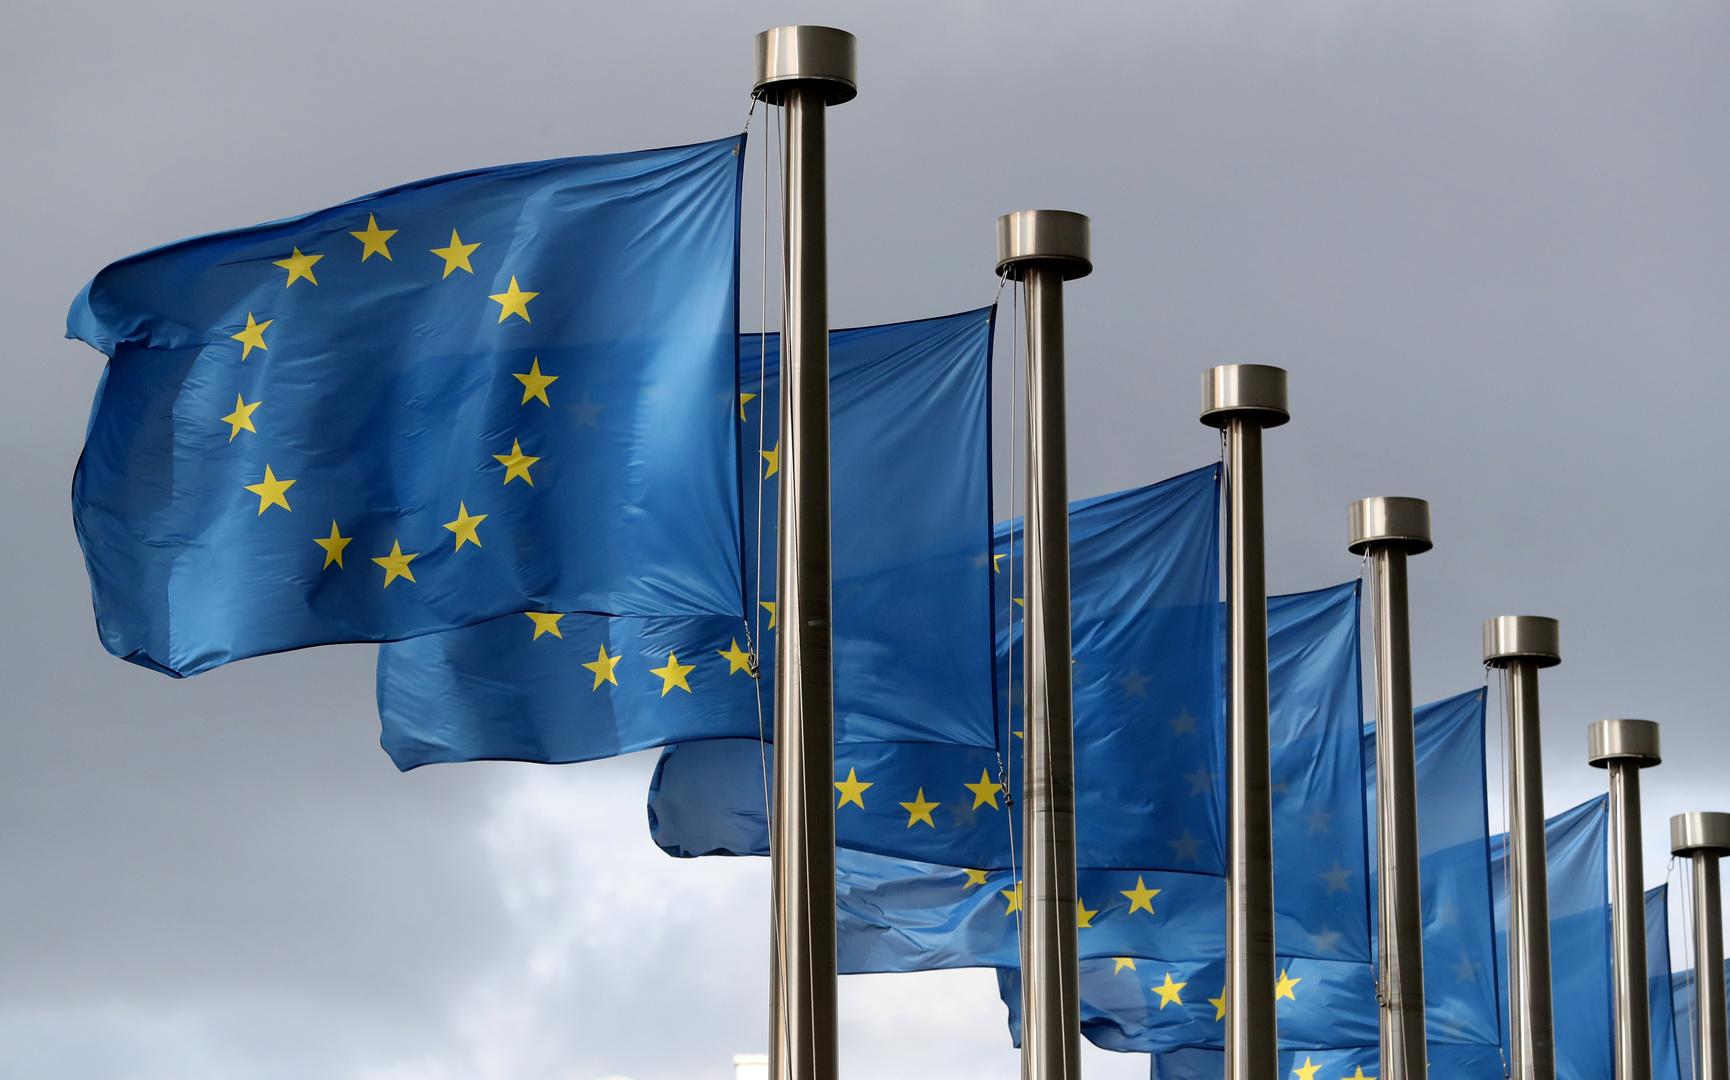 الاتحاد الأوروبي يحذر إيران من تقويض الاتفاق النووي